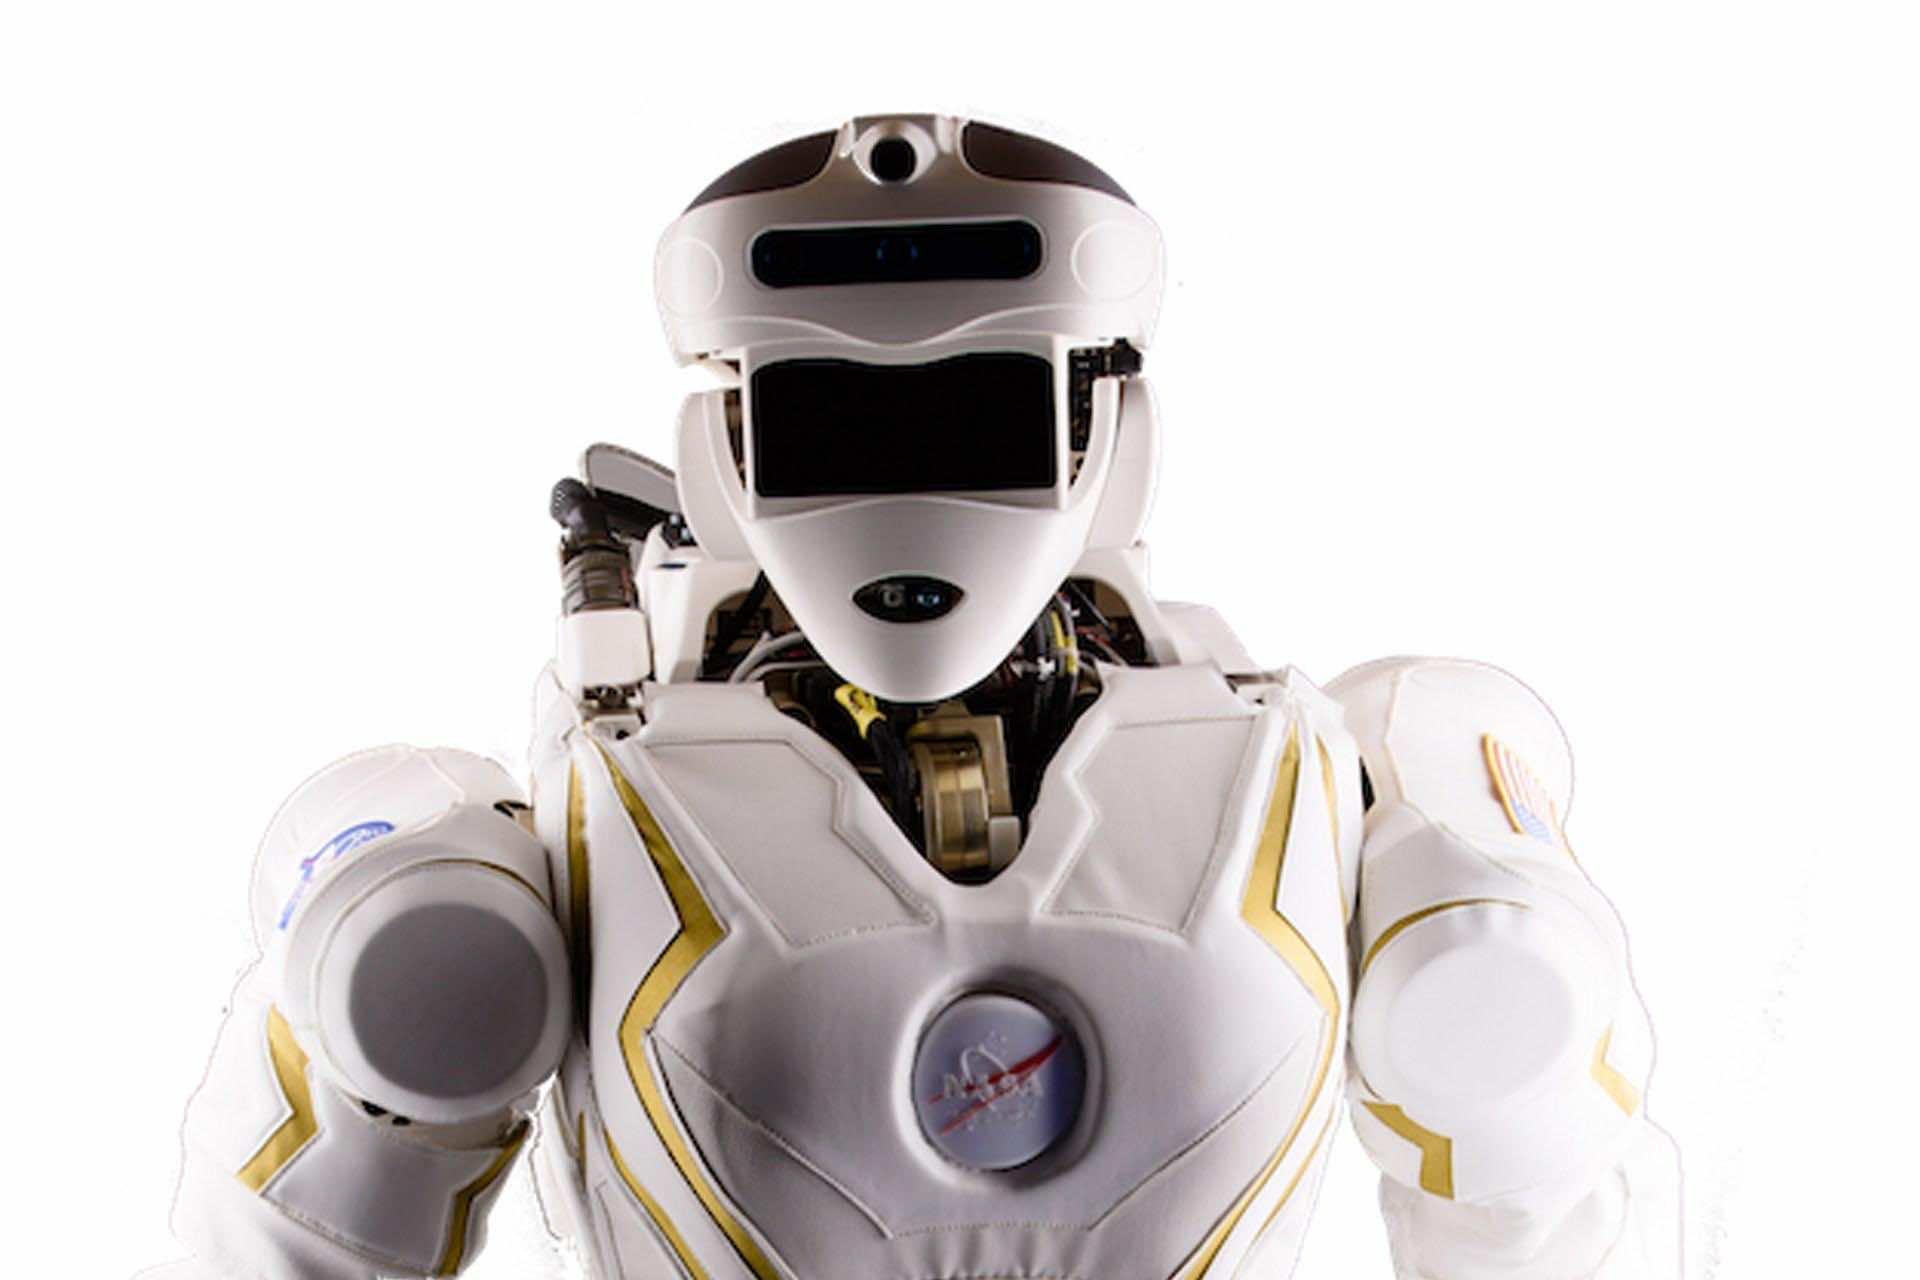 robots_of_today-1.jpg